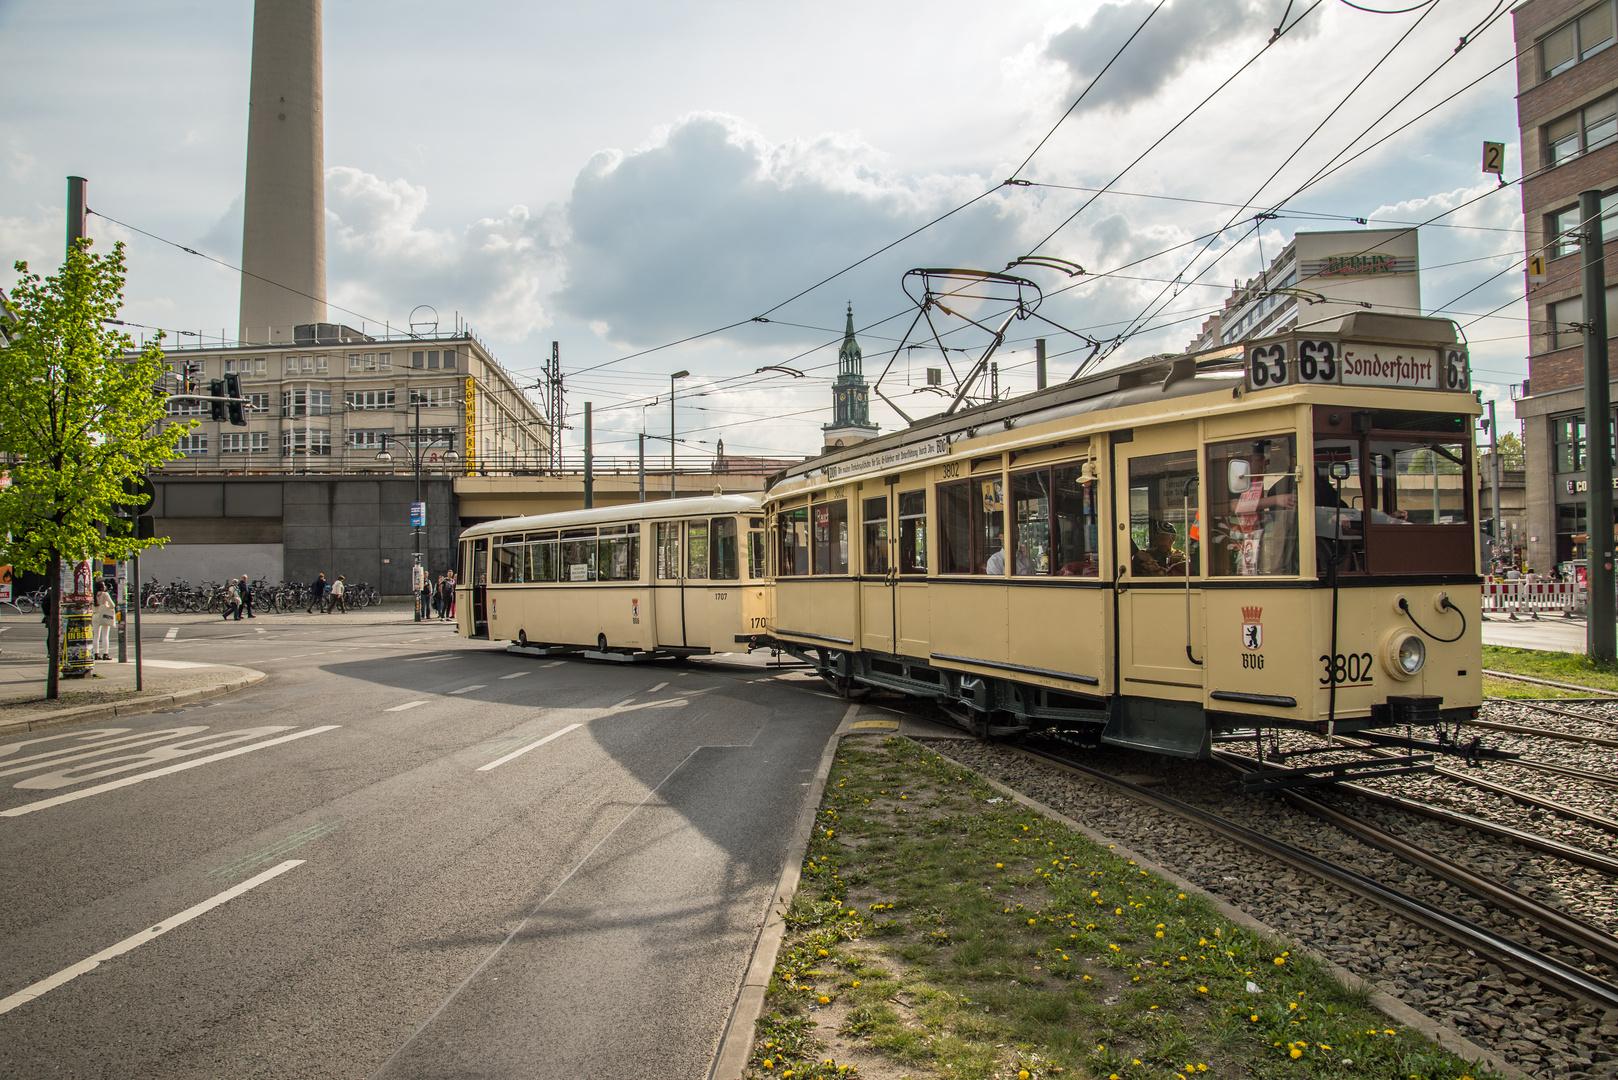 Saisoneröffnung des Denkmalpflegervereins Nahverkehr Berlin mit demTw 3802, Typ TM 34